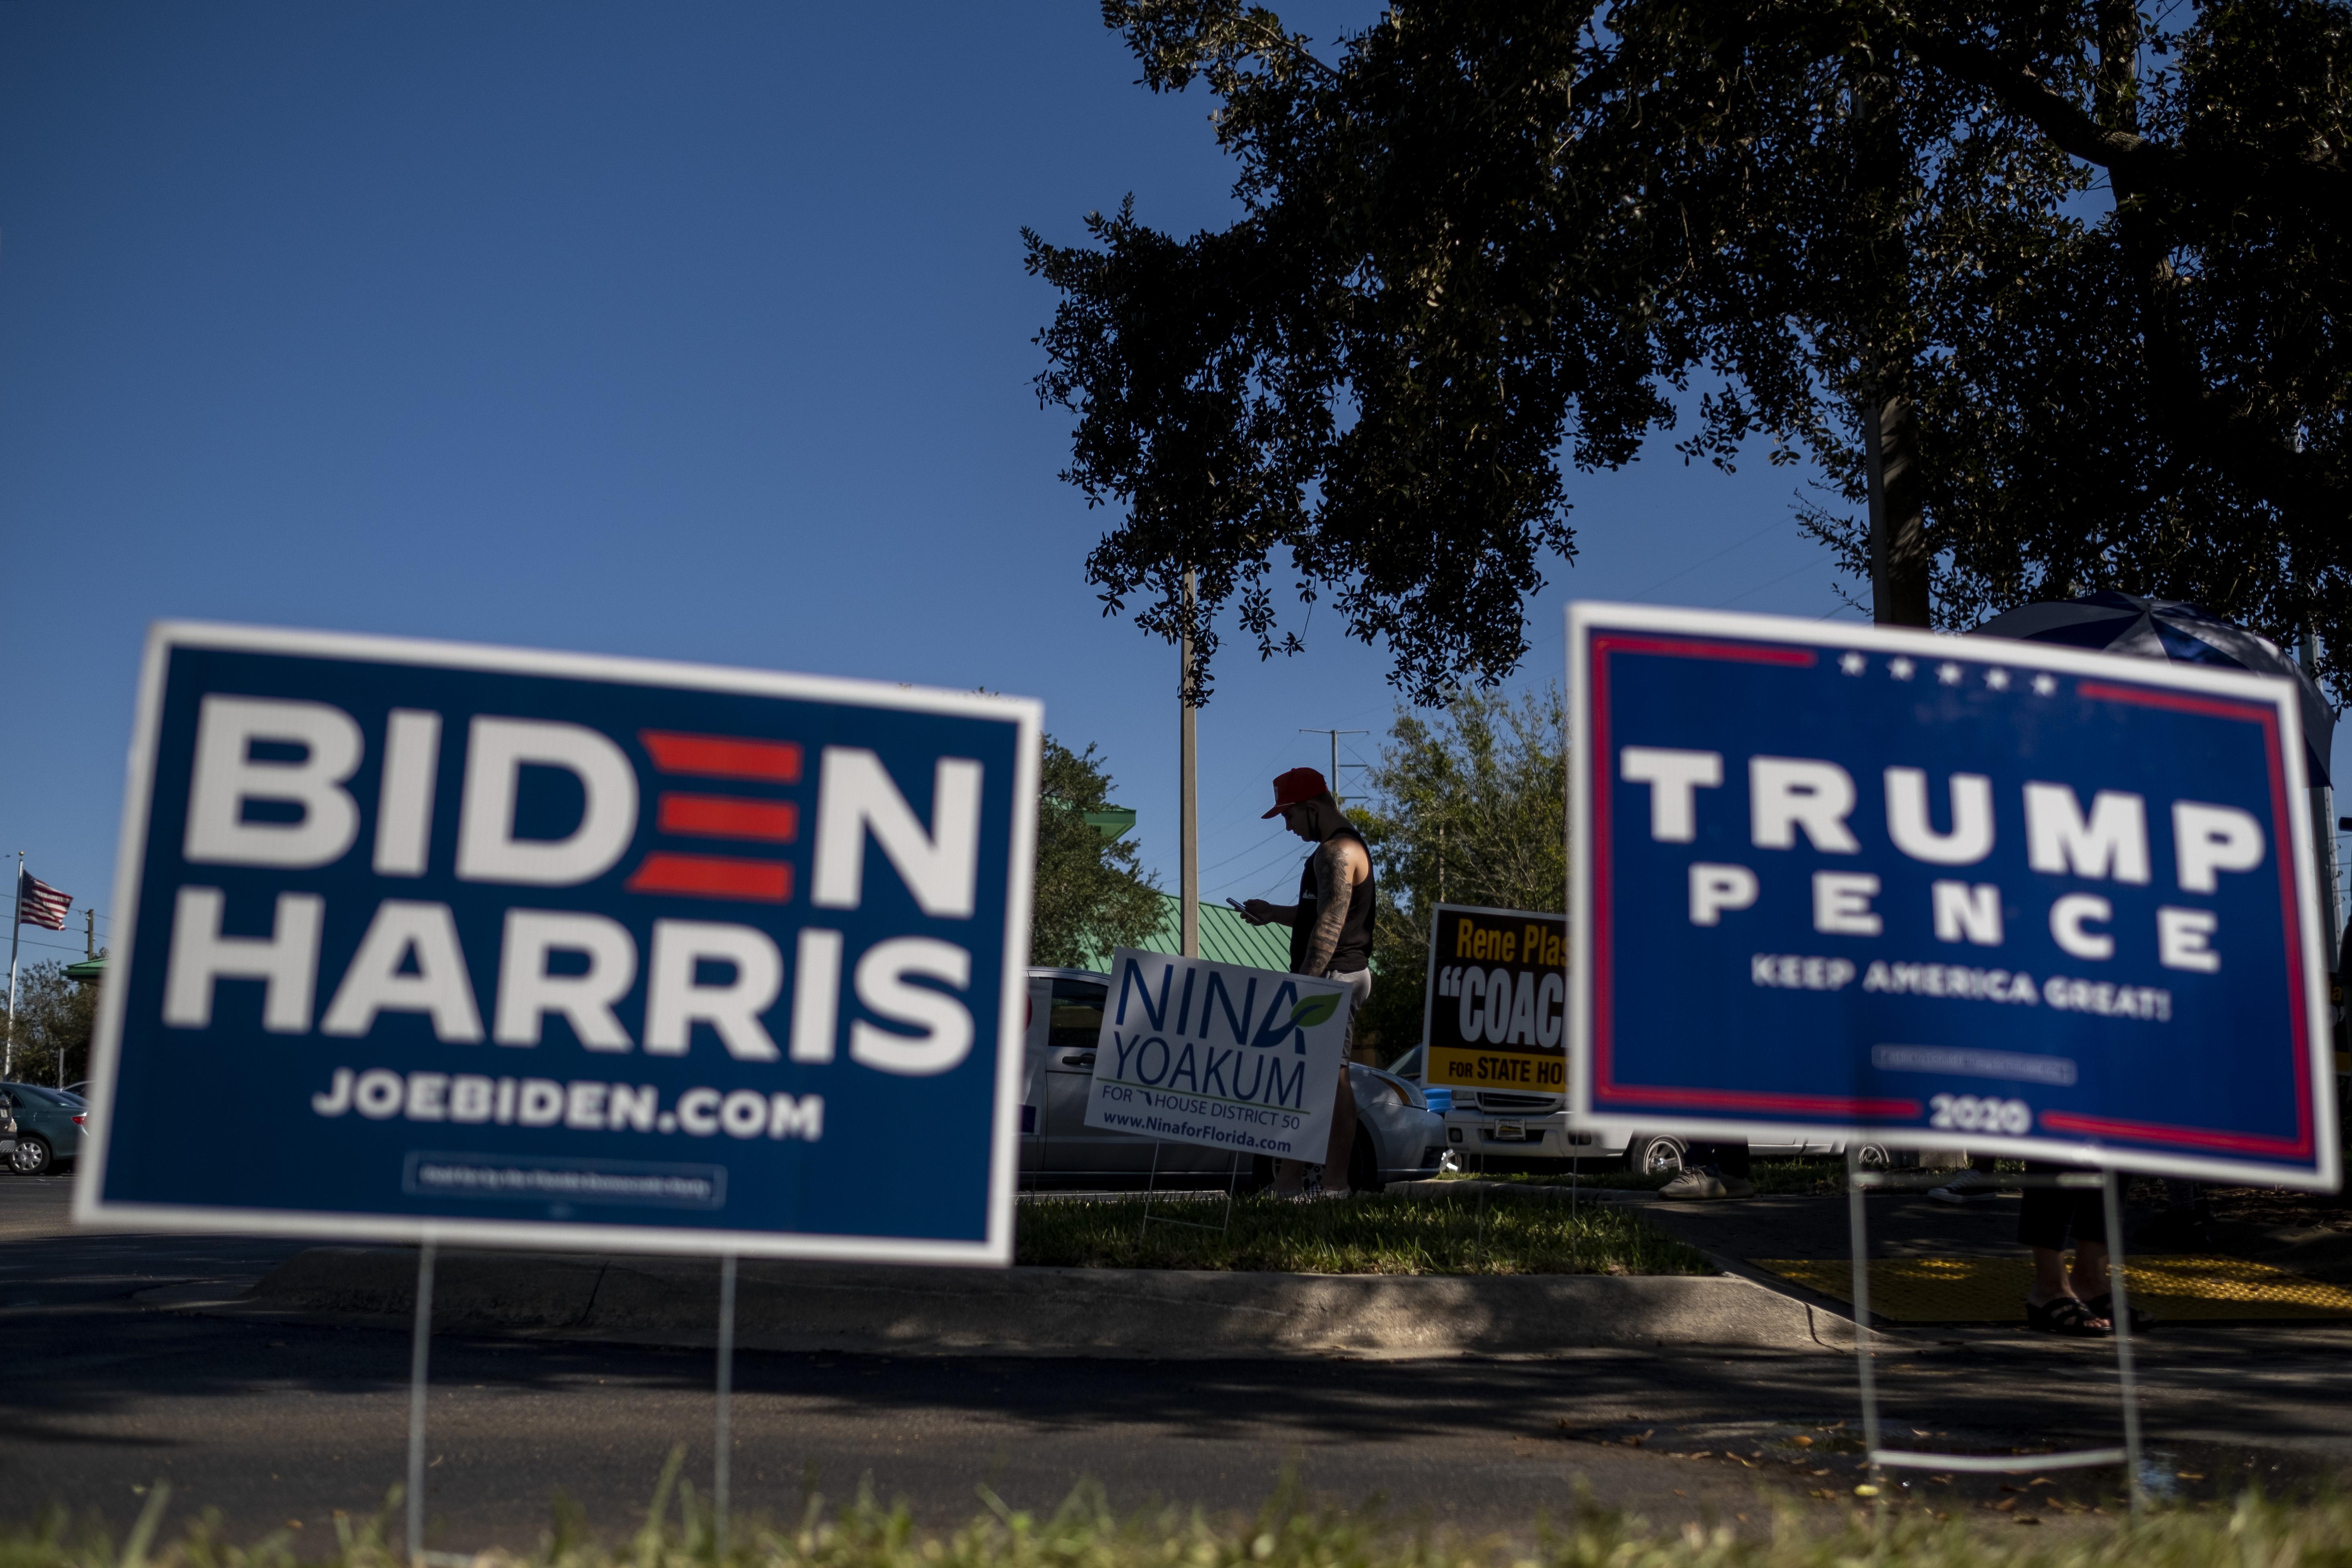 لافتات دعائية للمتنافسين في الانتخابات الأميركية 2020